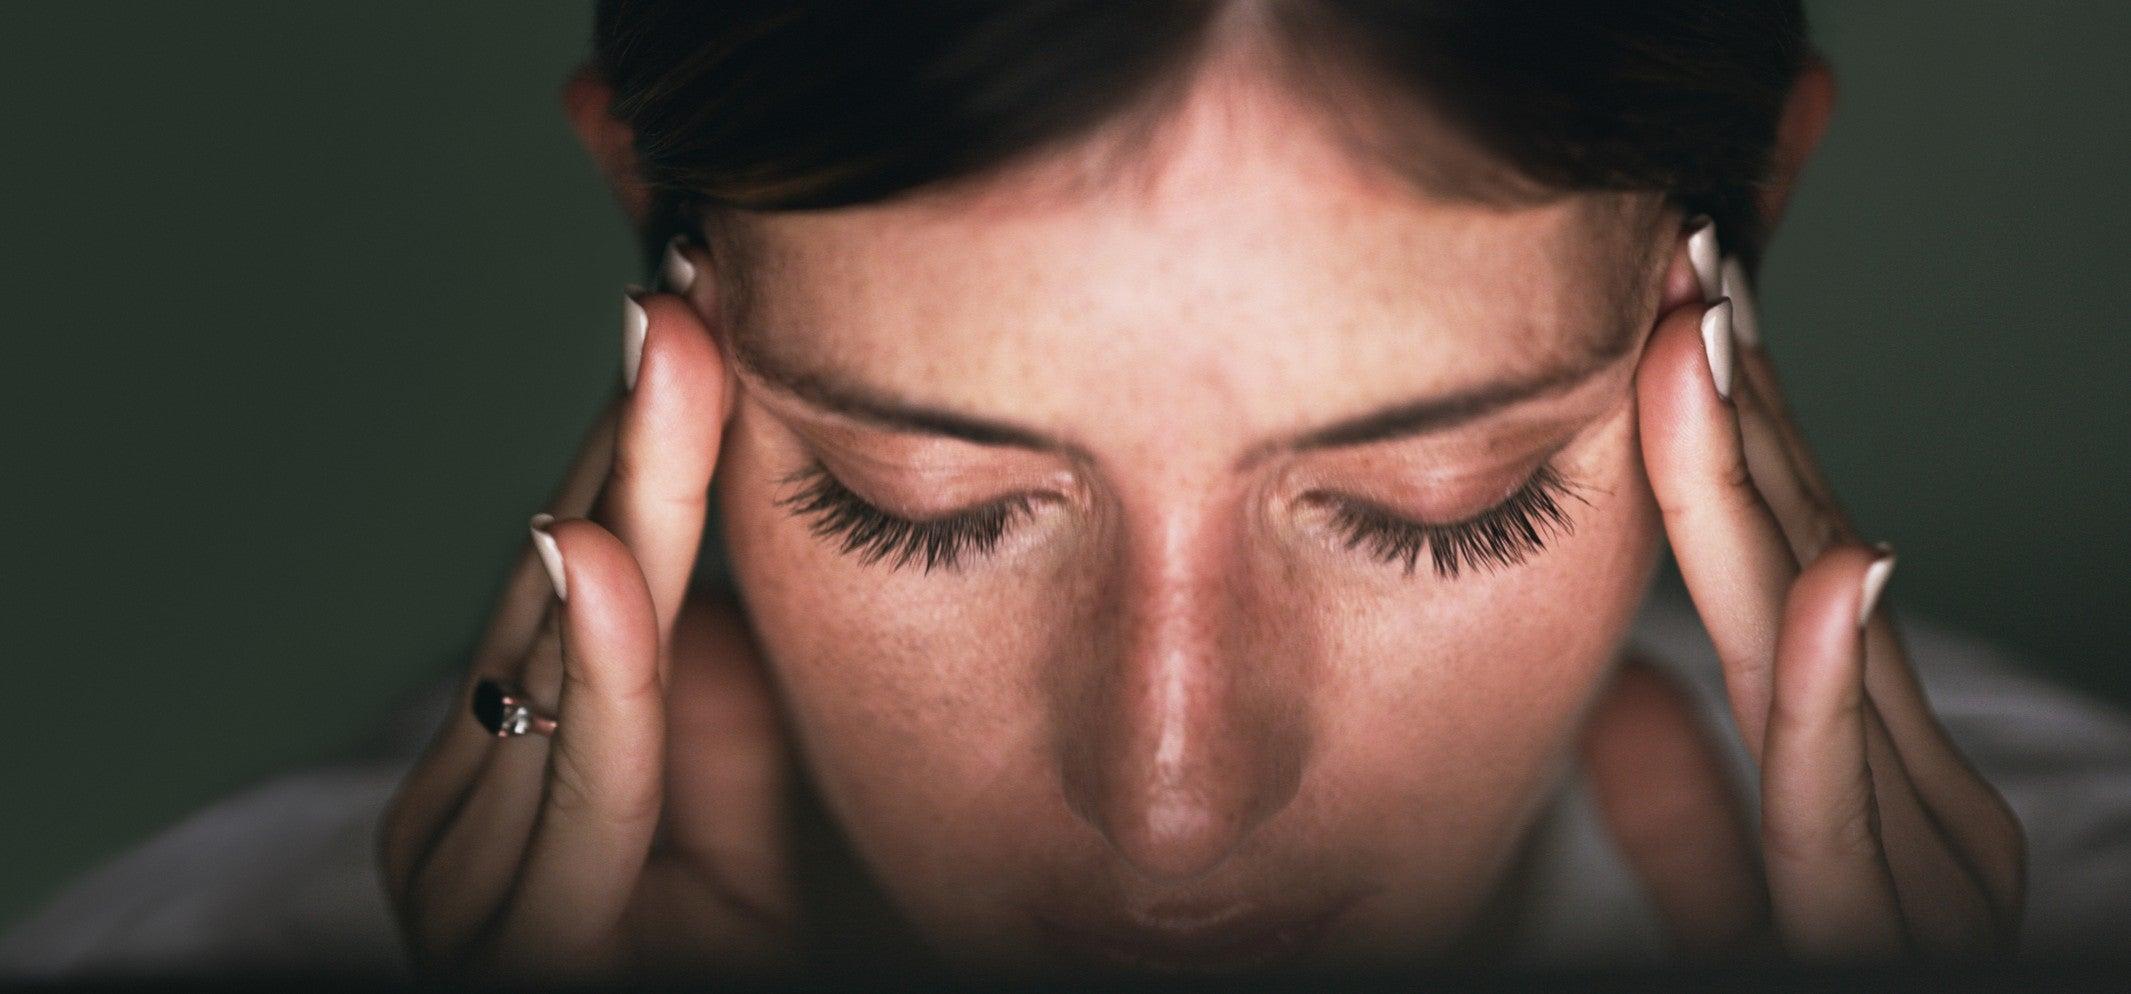 Cientistas descobrem uma relação entre a respiração e o controle do estresse